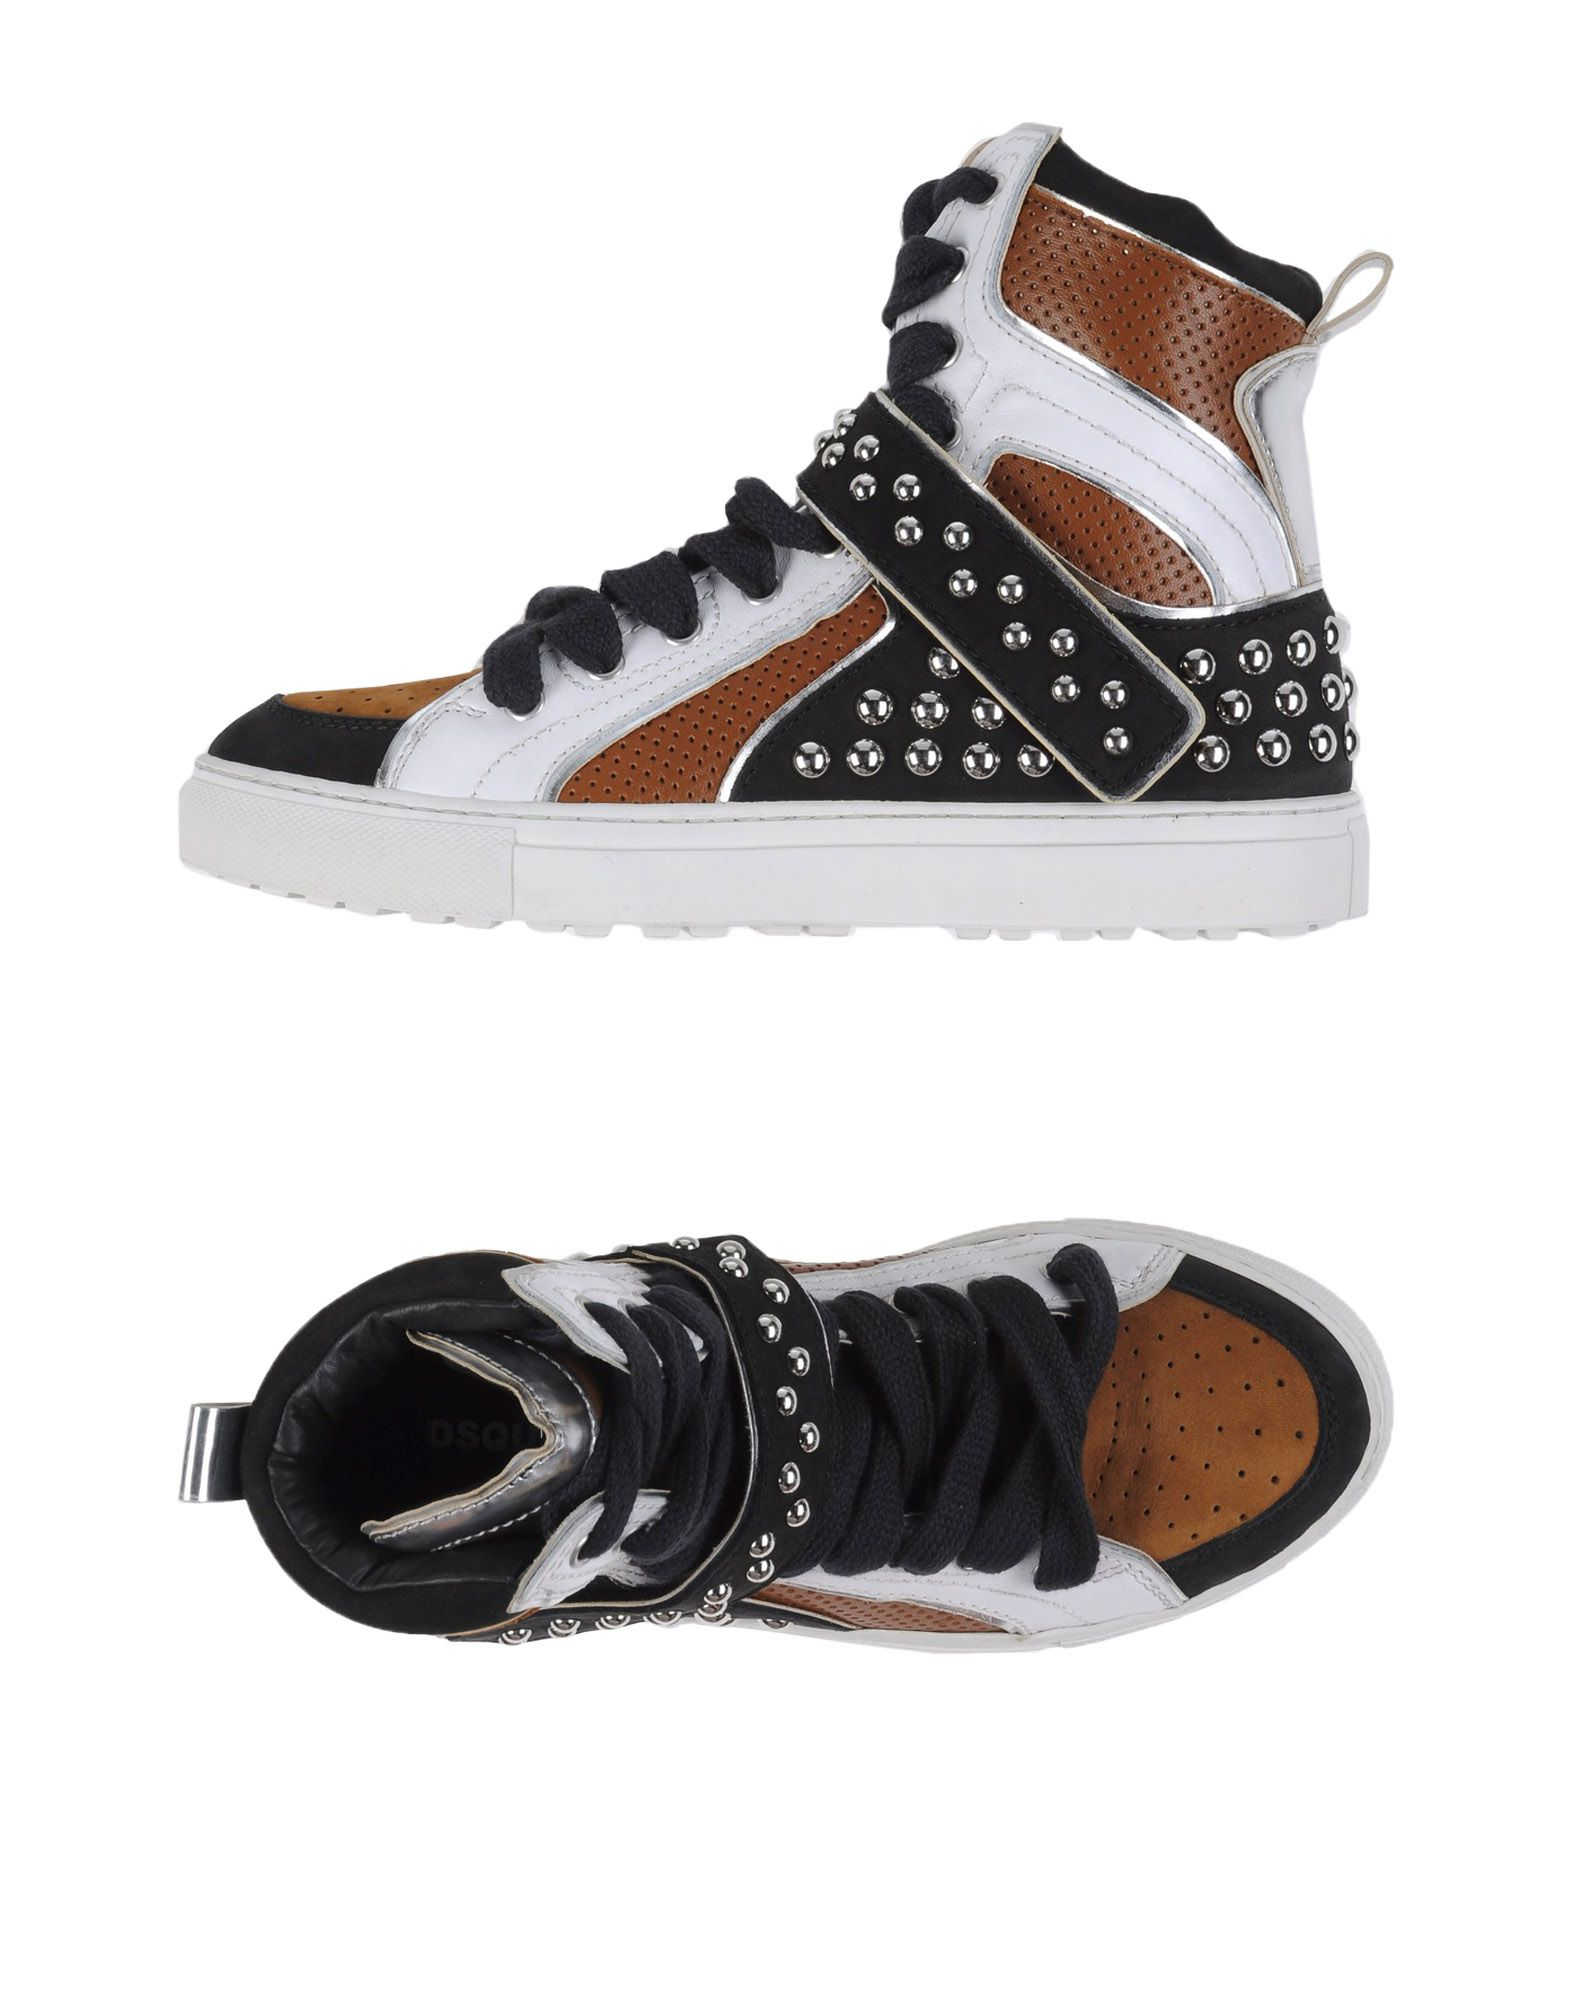 Dsquared2 Sneakers Herren beliebte  11168089OS Gute Qualität beliebte Herren Schuhe 90c0b7